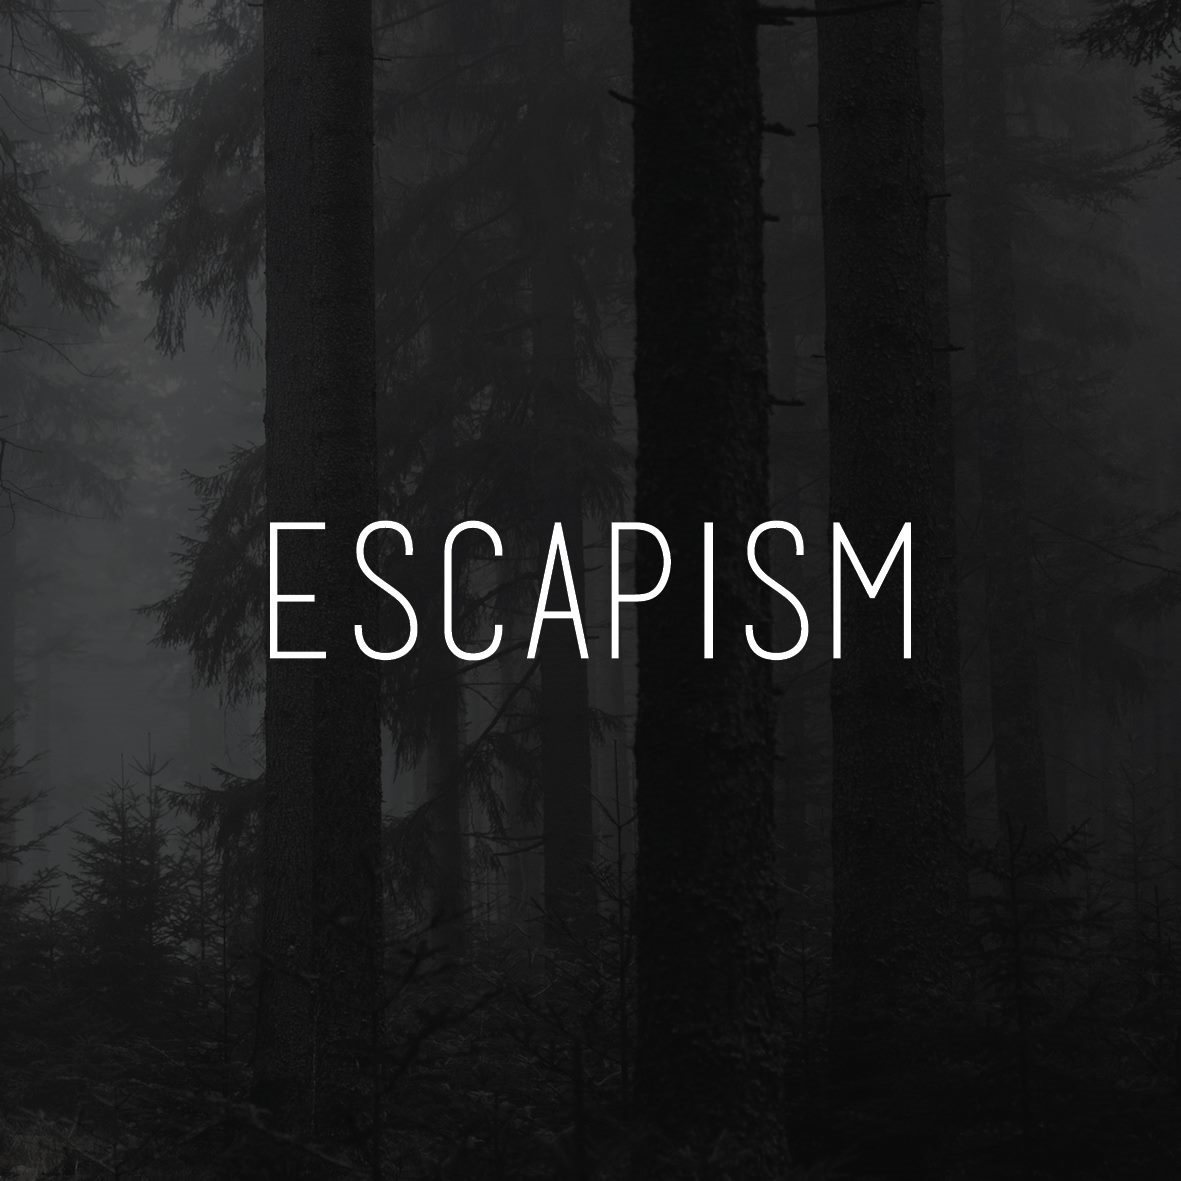 Эскапизм - что это? признаки, причины, лечение